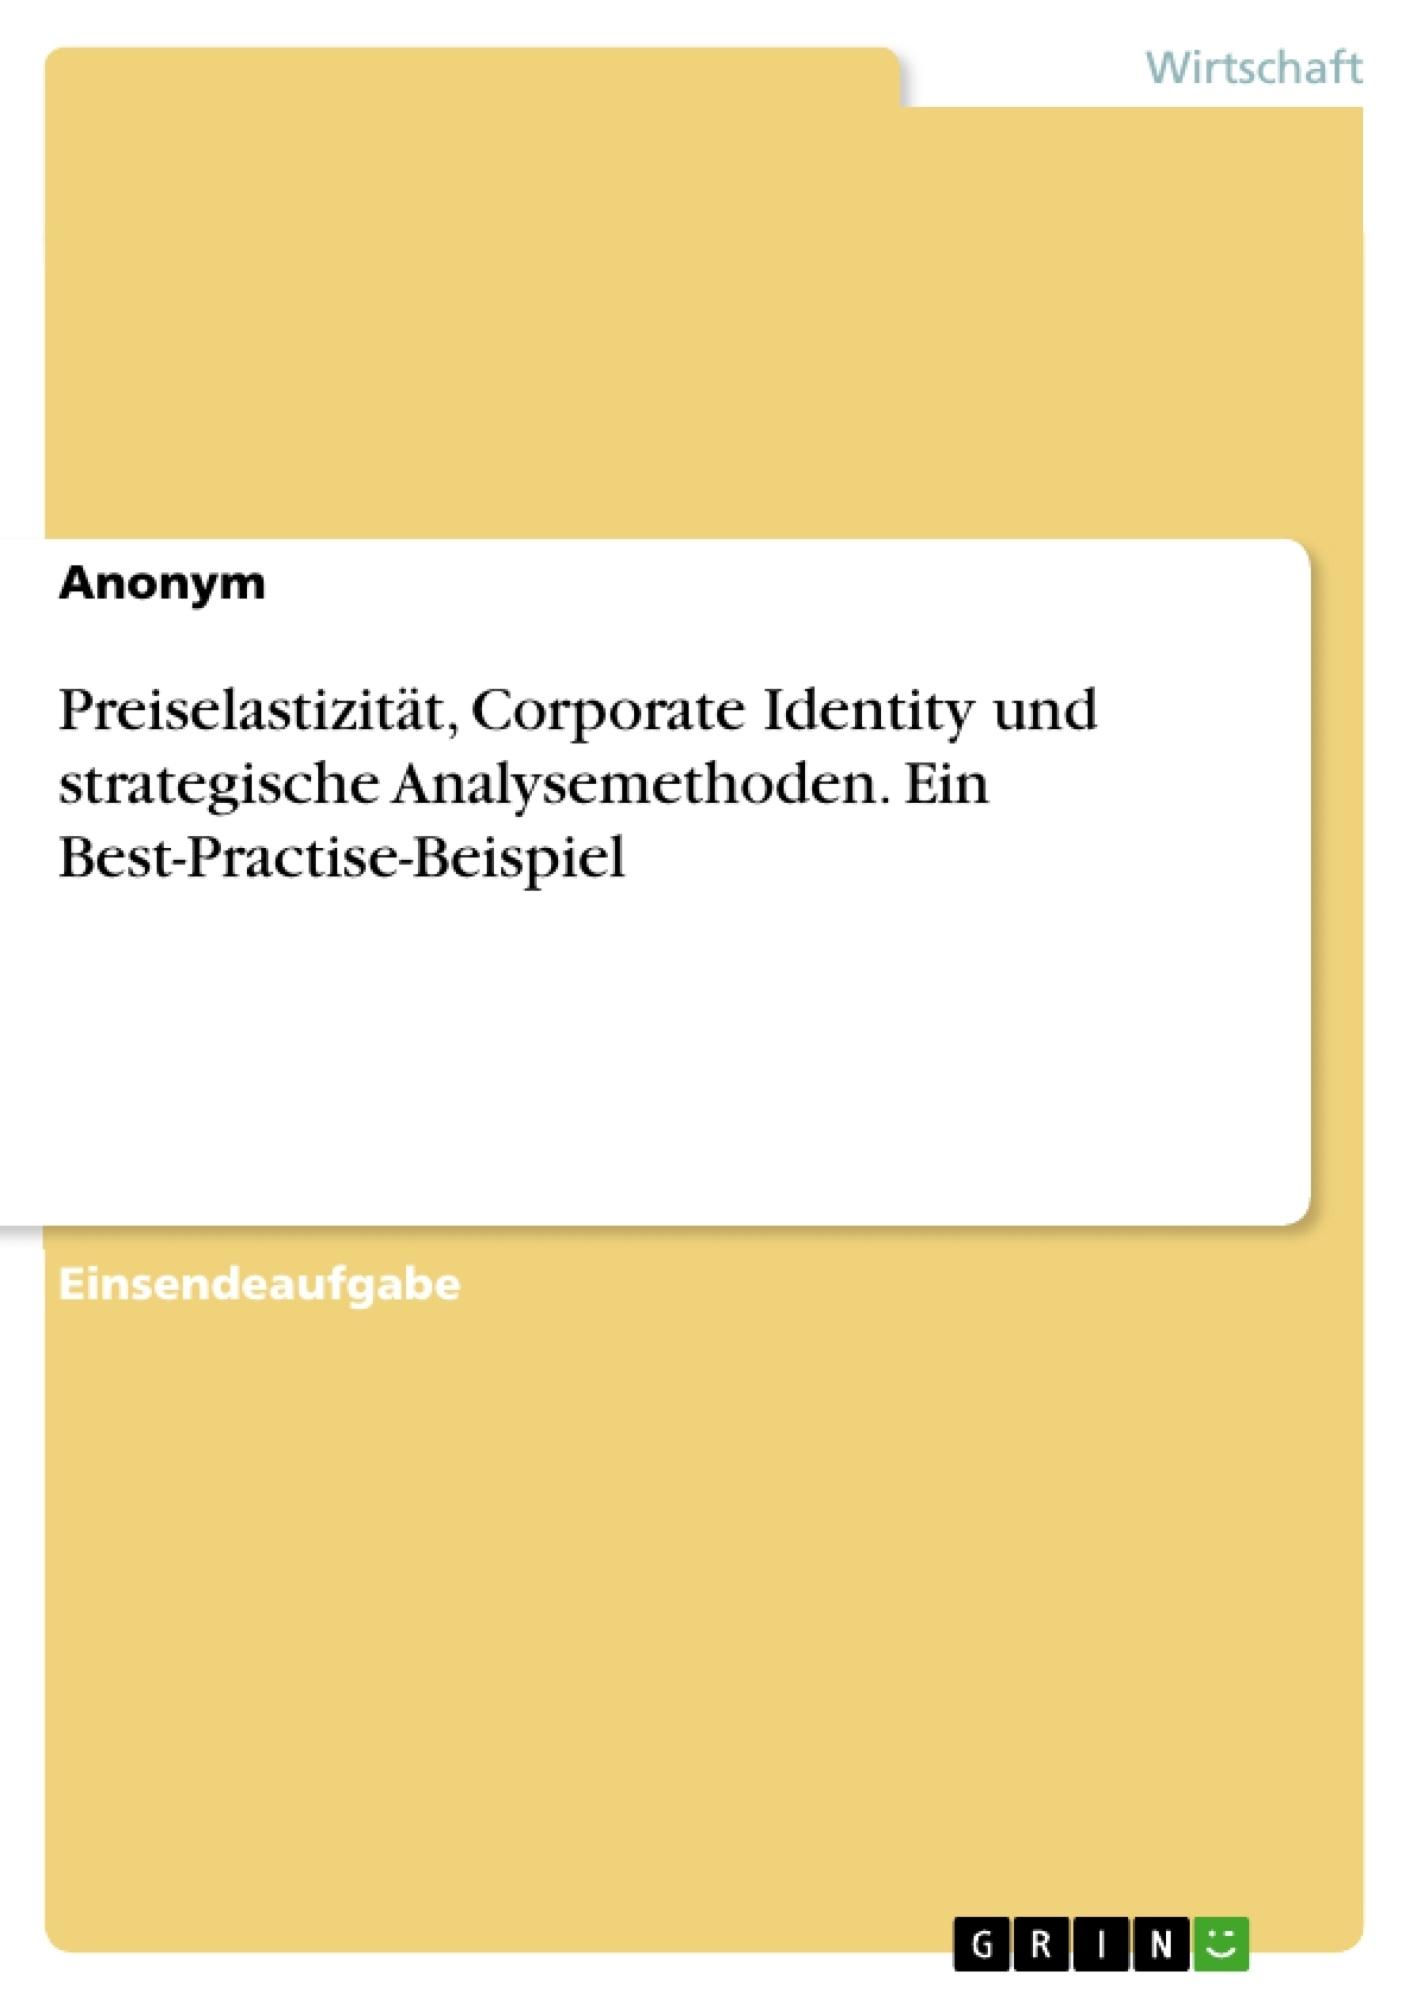 Titel: Preiselastizität, Corporate Identity und strategische Analysemethoden. Ein Best-Practise-Beispiel